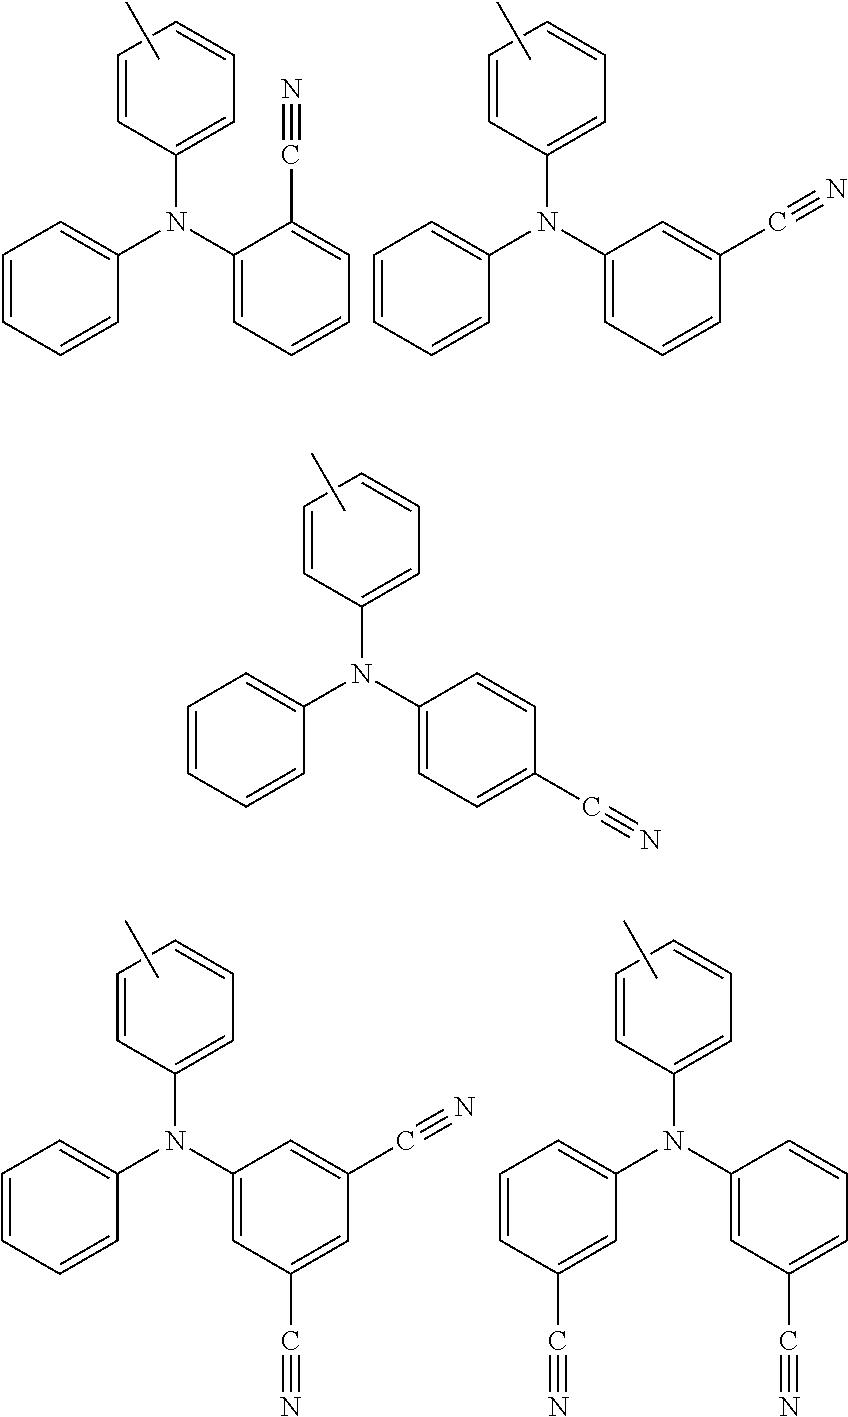 Figure US20150280139A1-20151001-C00025